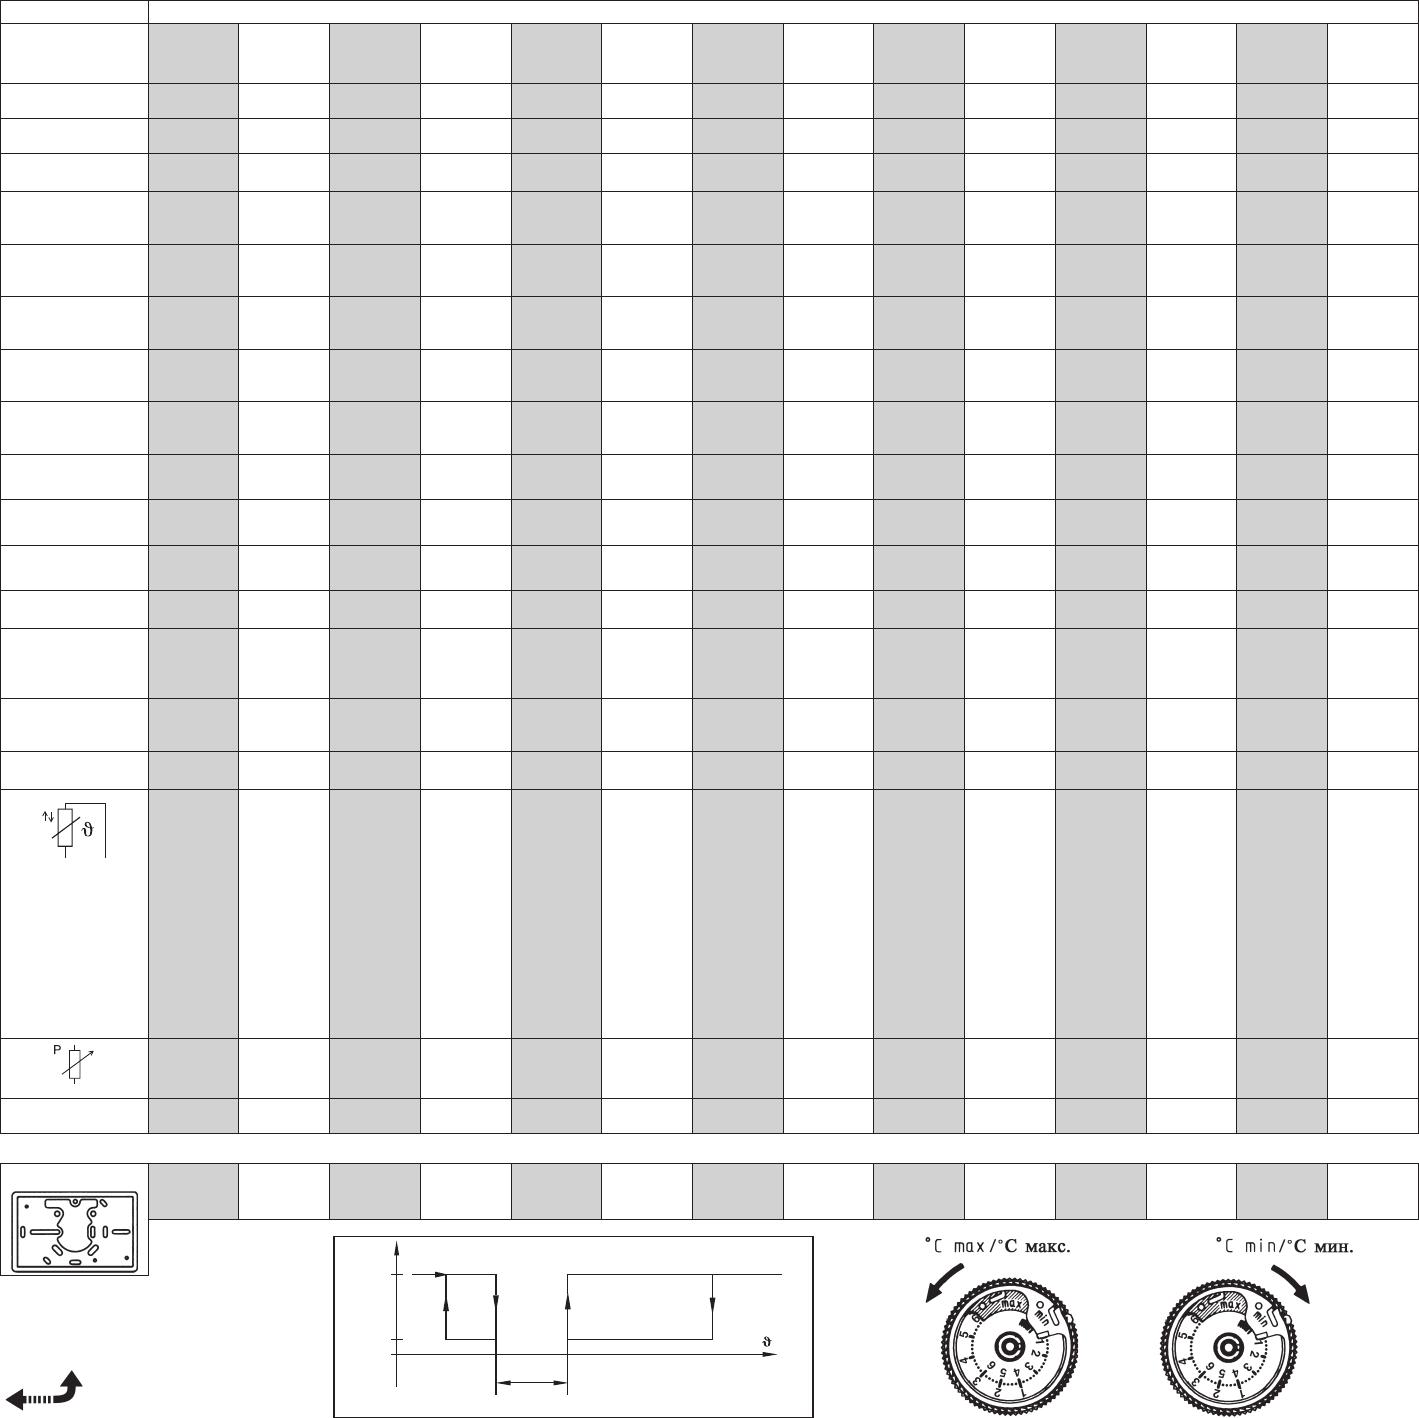 Erfreut übliches Kompressor Schaltbild Bilder - Schaltplan Serie ...